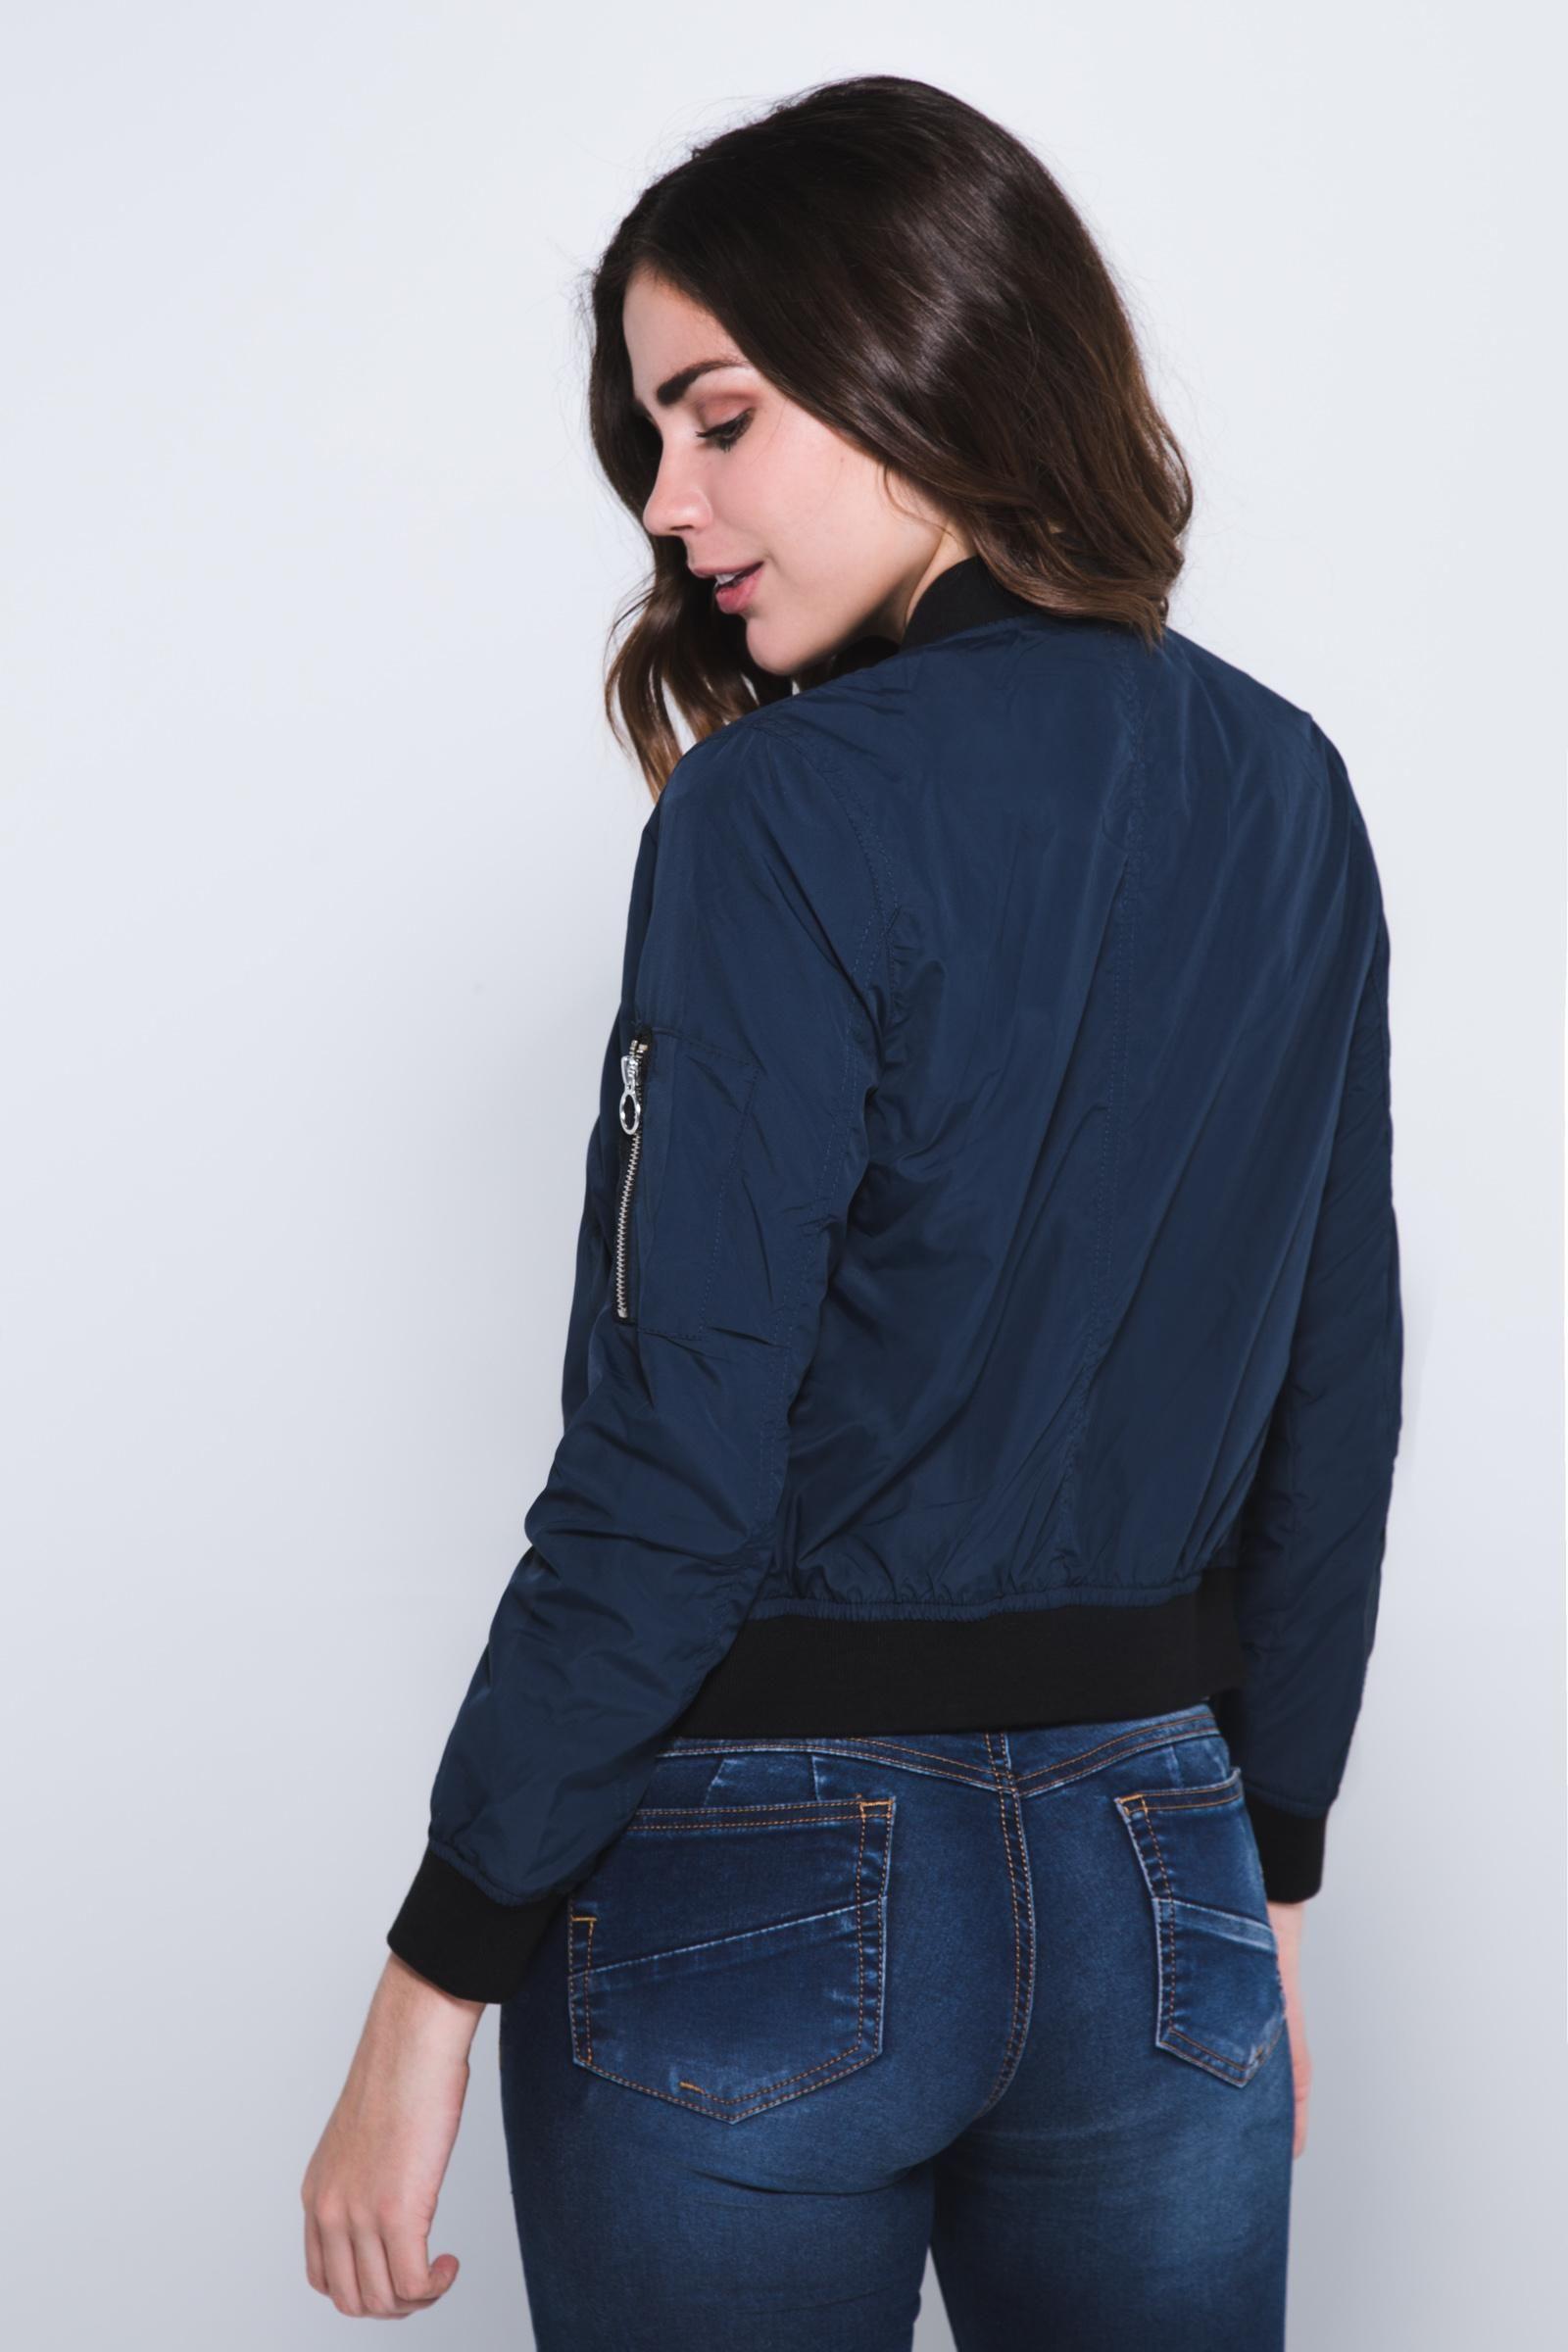 c4a65db908 Jeanswear-CHAQUETA KOAJ LUNELI 2 18 Cremalleras